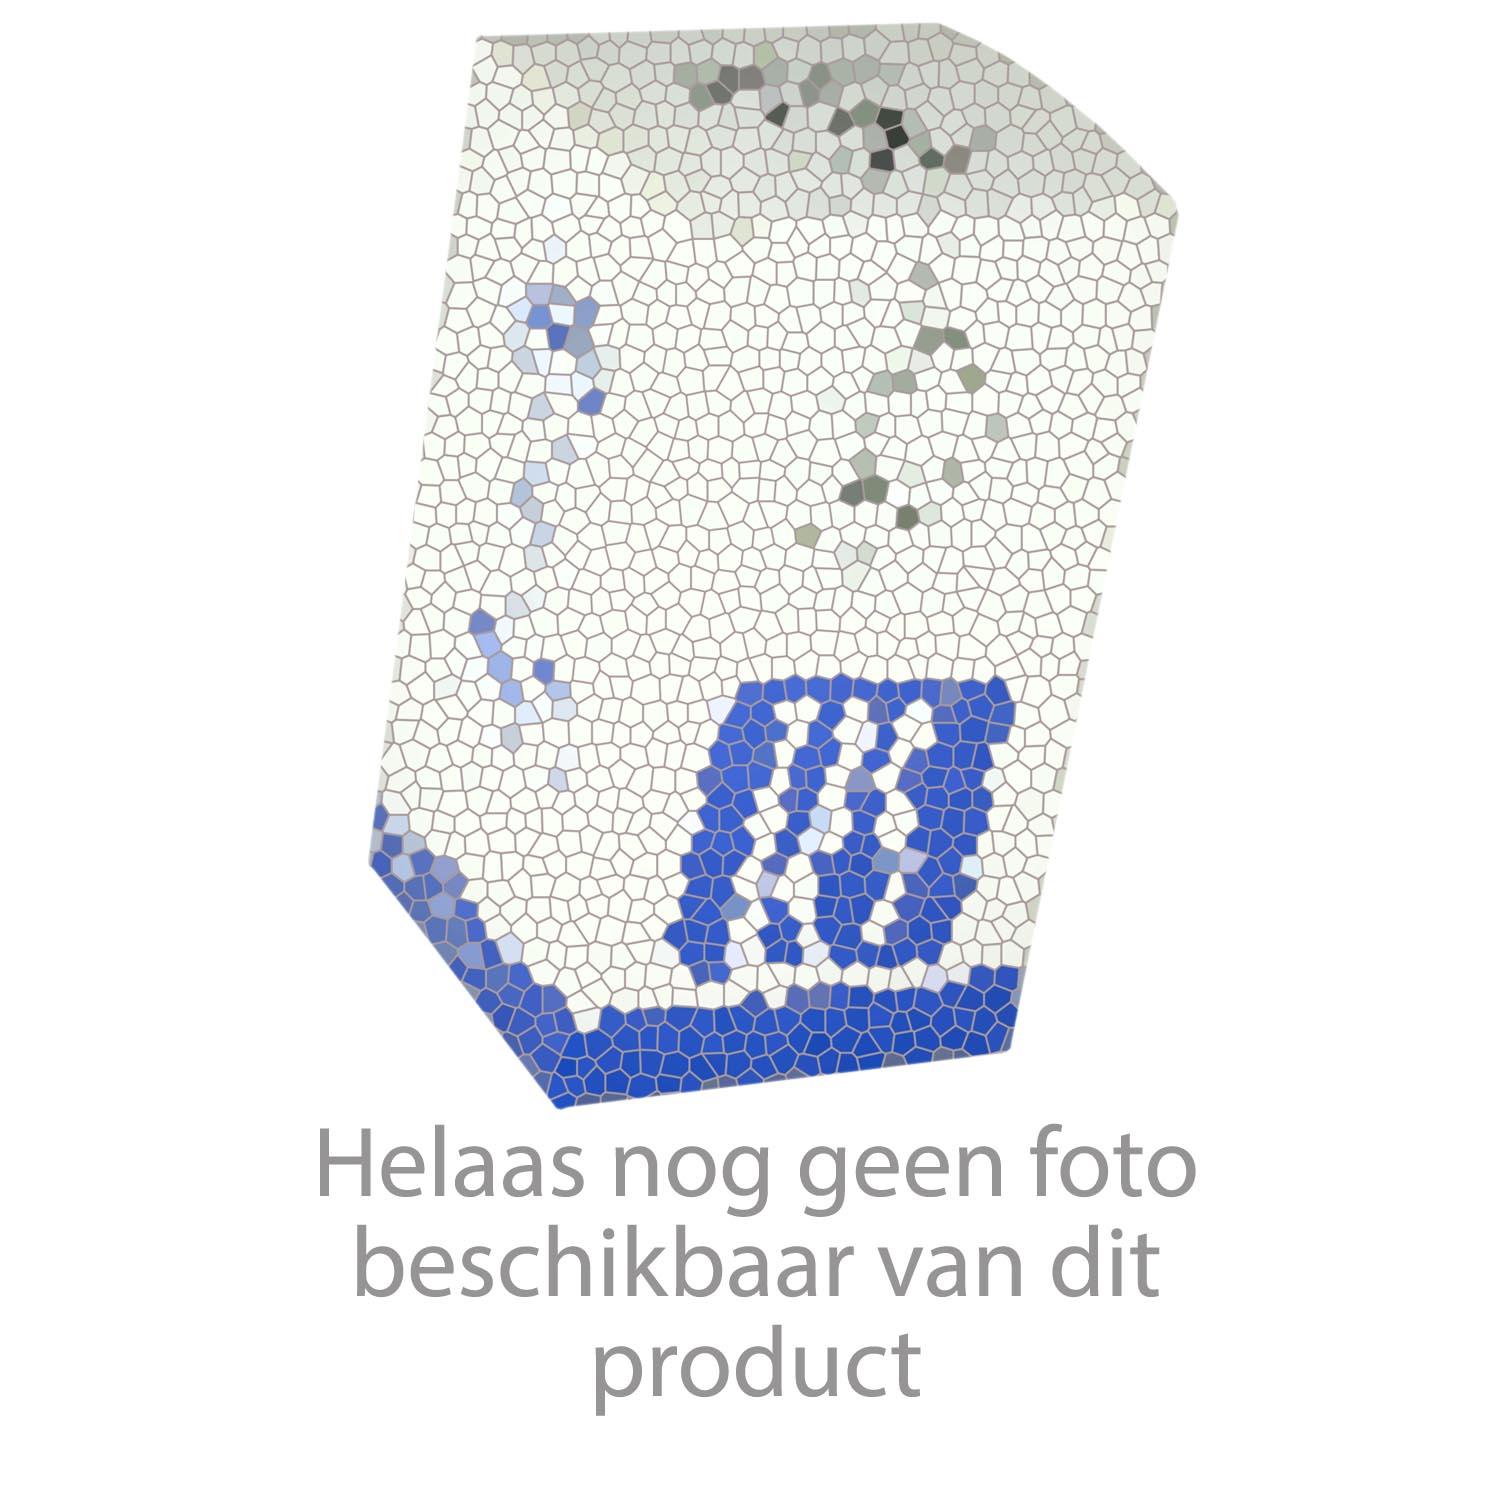 HansGrohe Afvoer- en overloopgarnituren Afvoer- en kopphebelgarnitur productiejaar 01/77 - 05/94 51349000 onderdelen